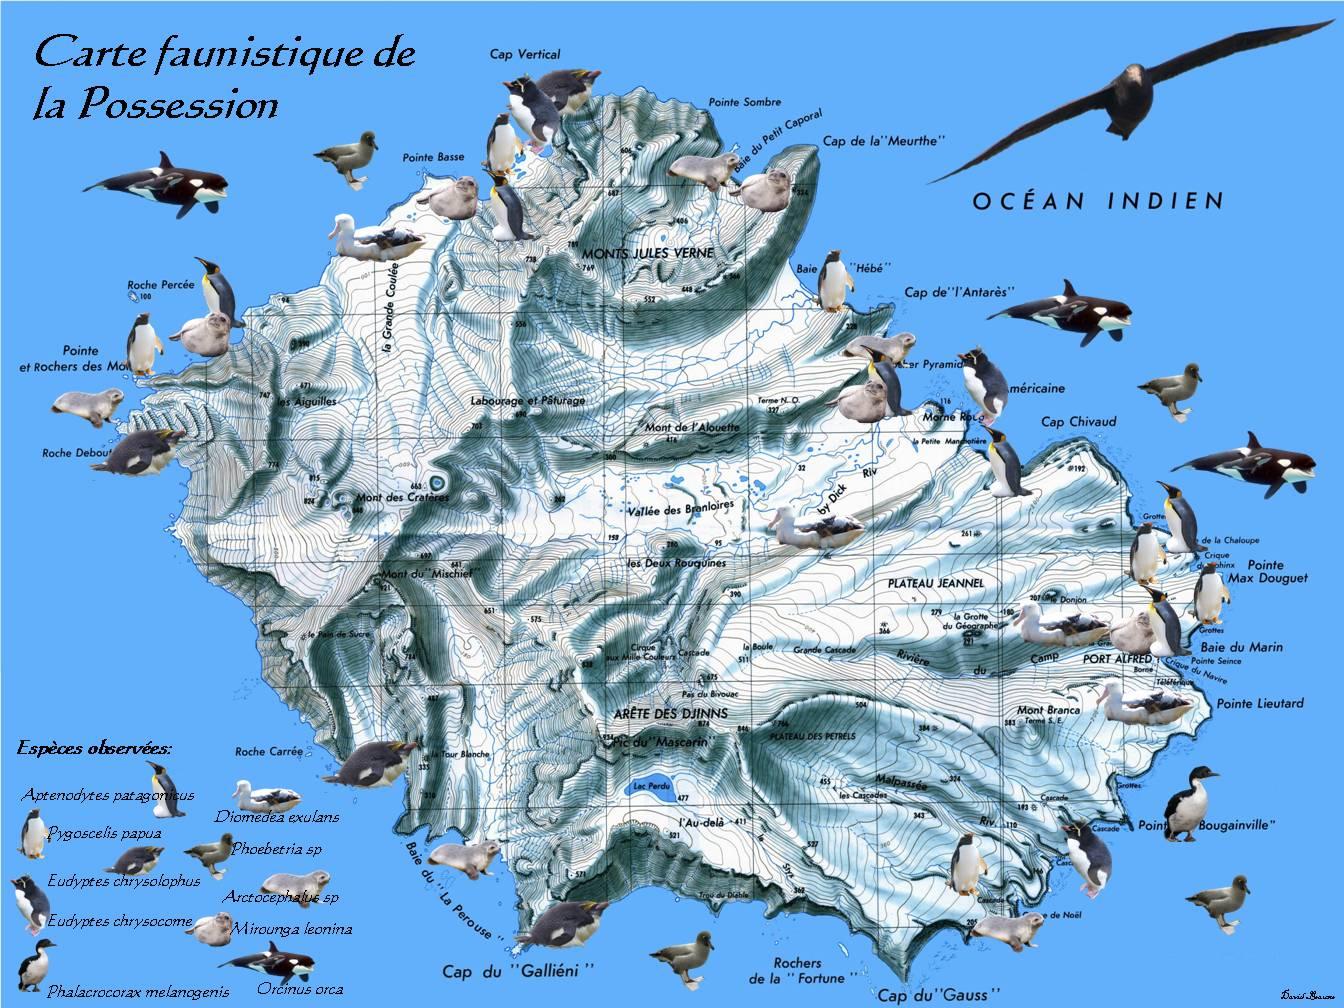 Crozet Islands